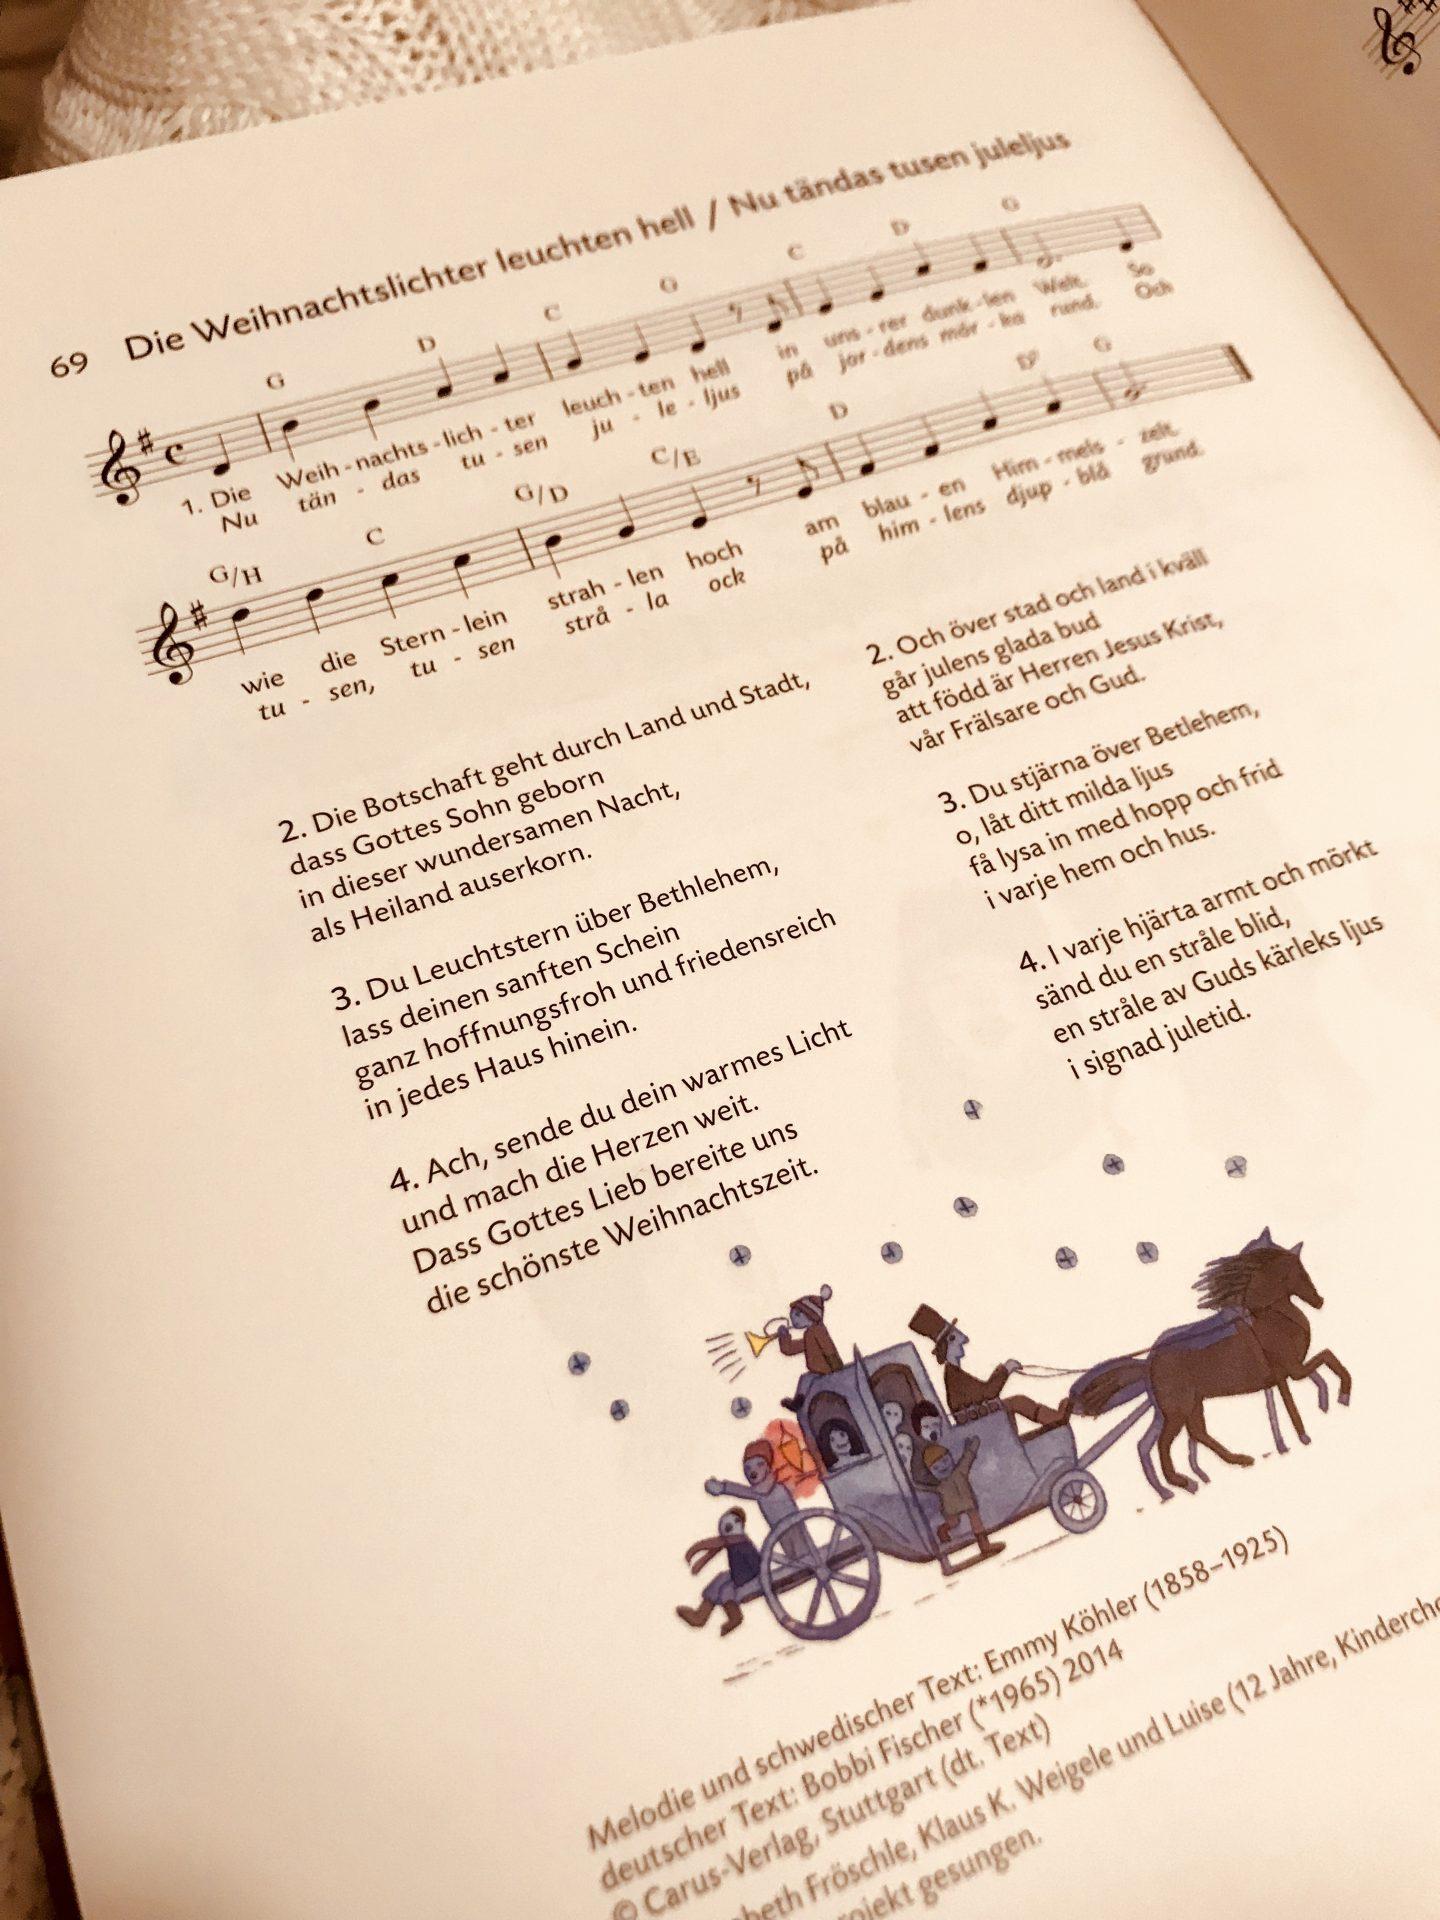 Risky Week 50 – Noten eines schwedischen Weihnachtslieds